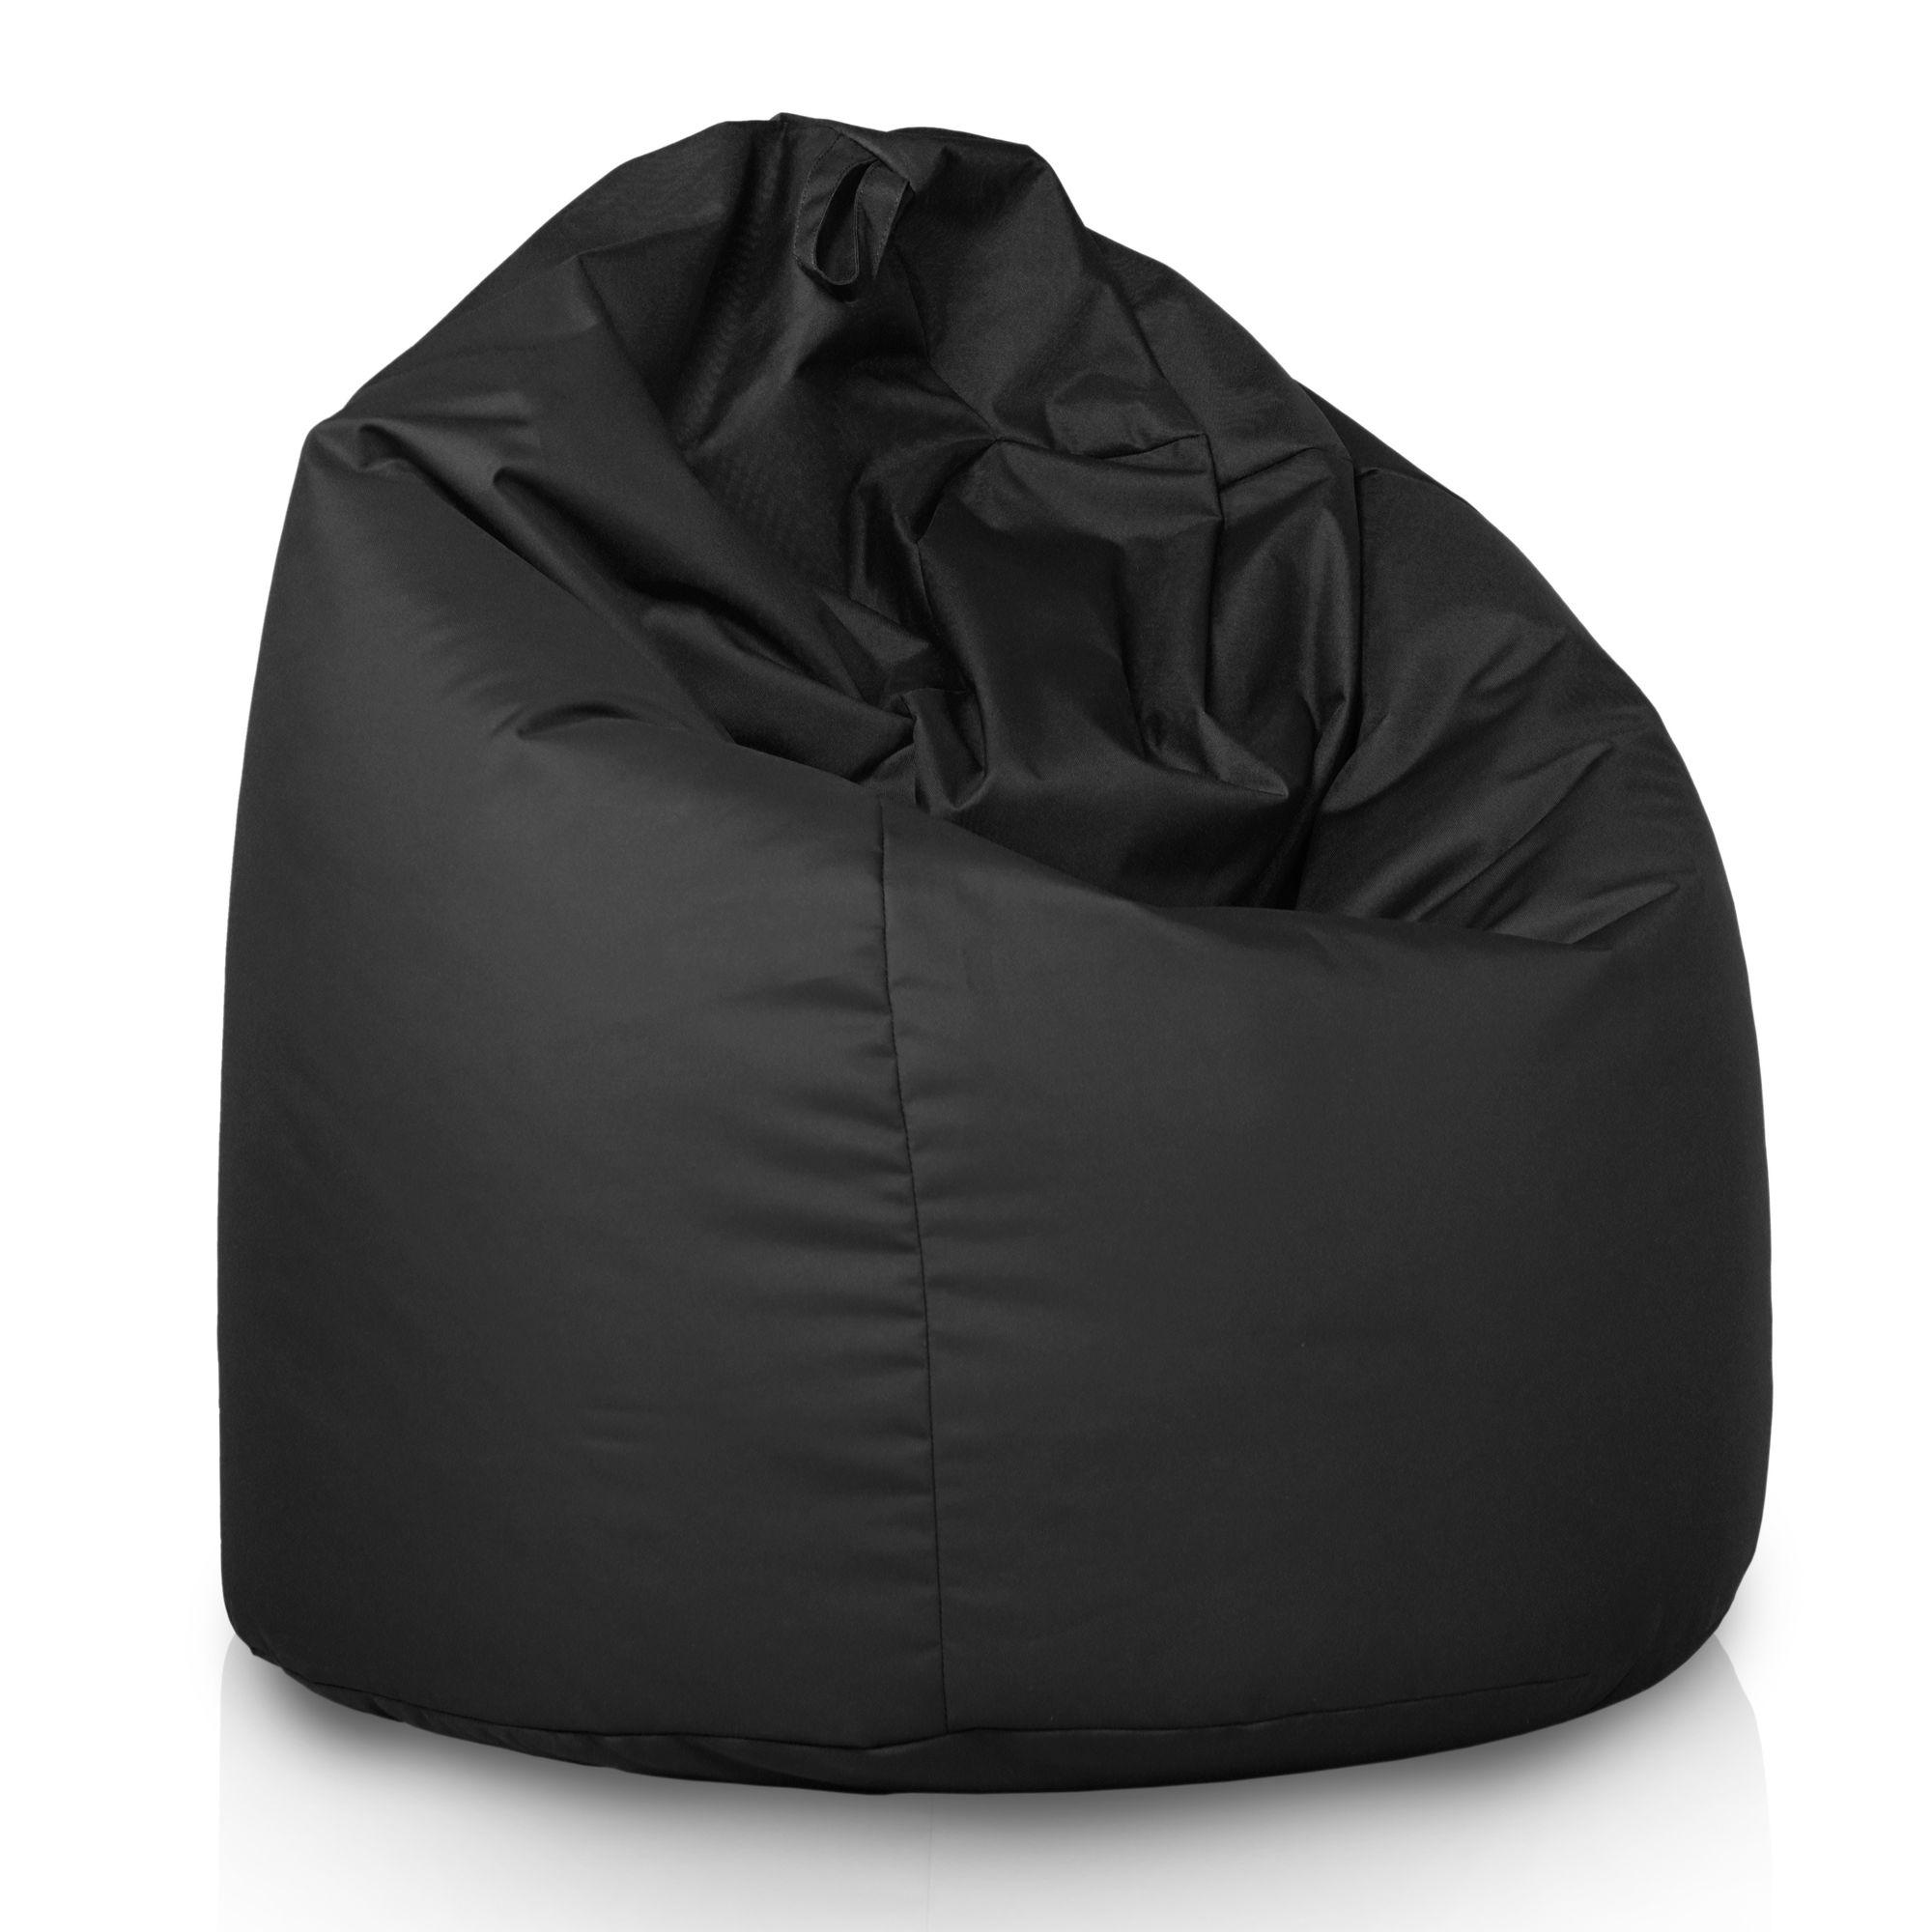 Poltrona sacco per bambini pouf da interni di design - Sacco letto per bambini ...